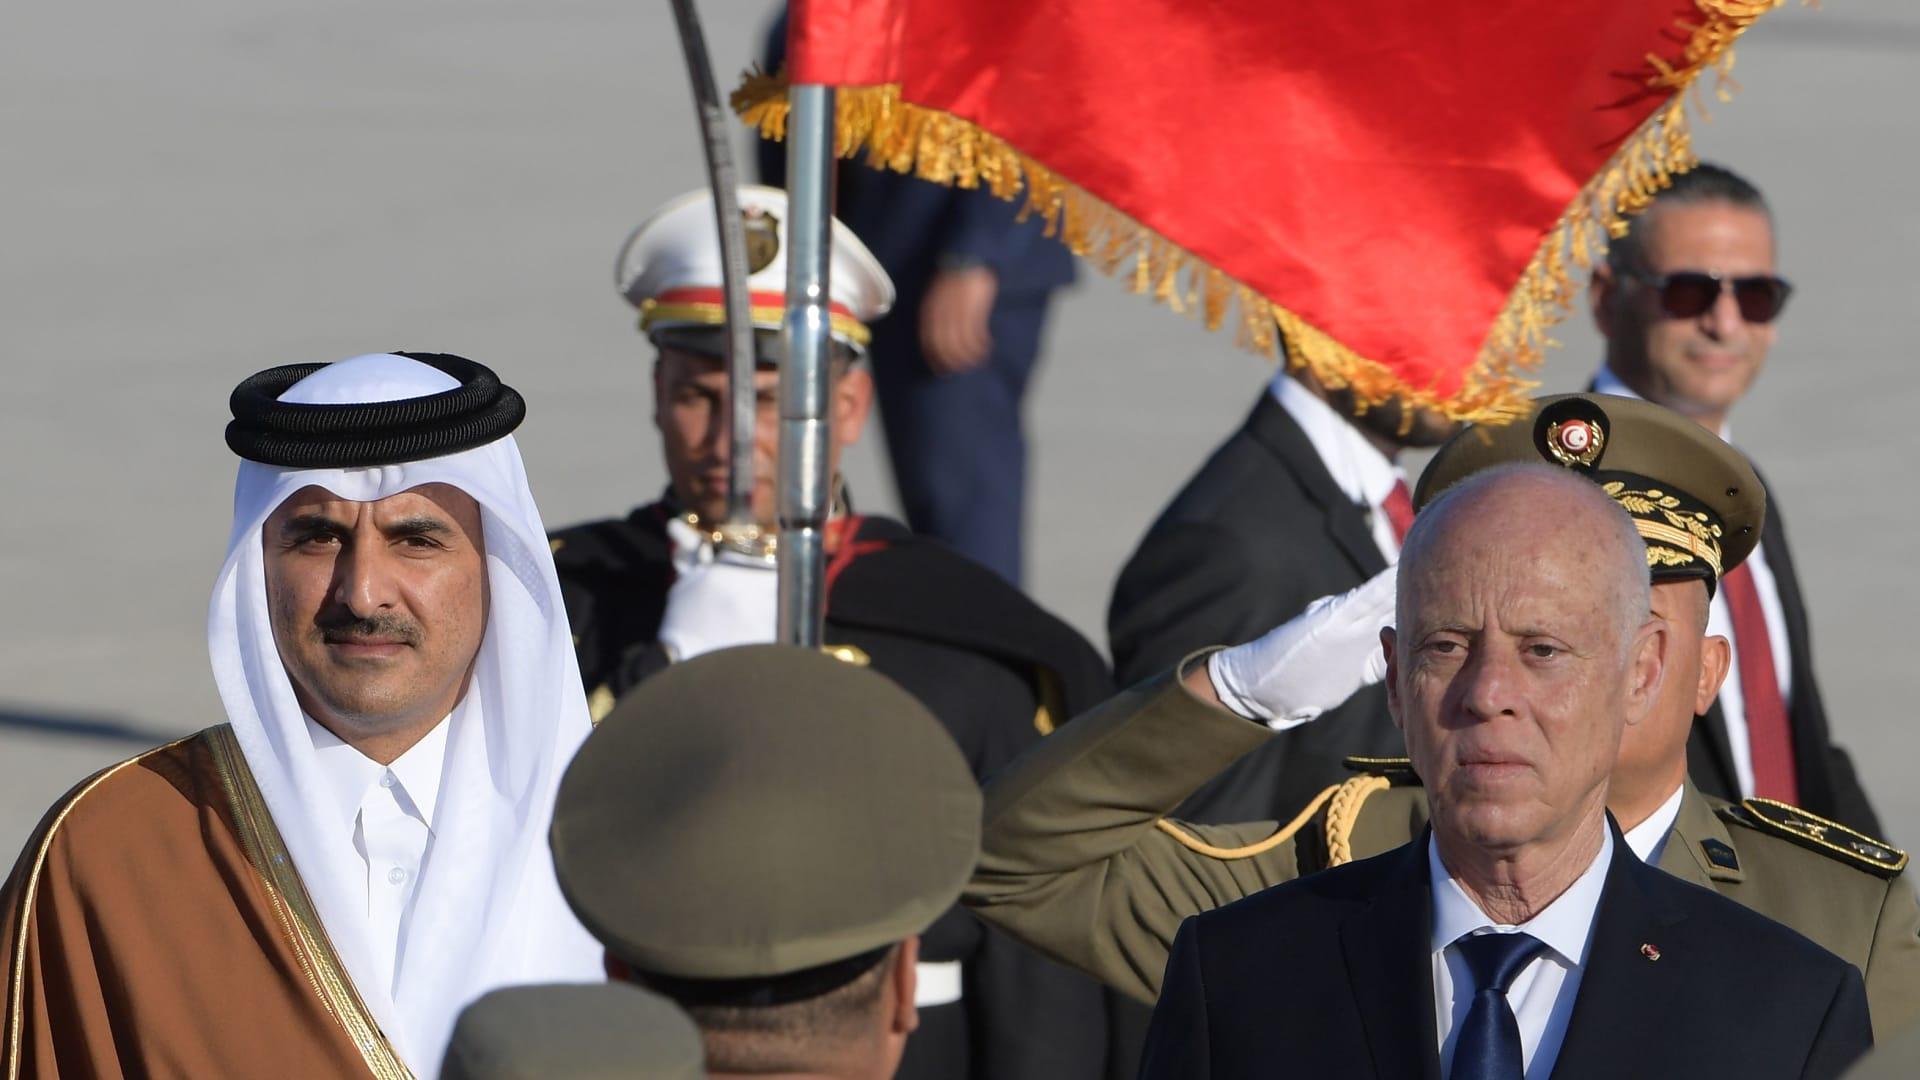 لرئيس التونسي قيس سعيد (يمين) وأمير قطر الشيخ تميم بن حمد آل ثاني يستعرضان حرس الشرف لدى وصوله في وقت لاحق إلى العاصمة التونسية، 24 فبراير 2020